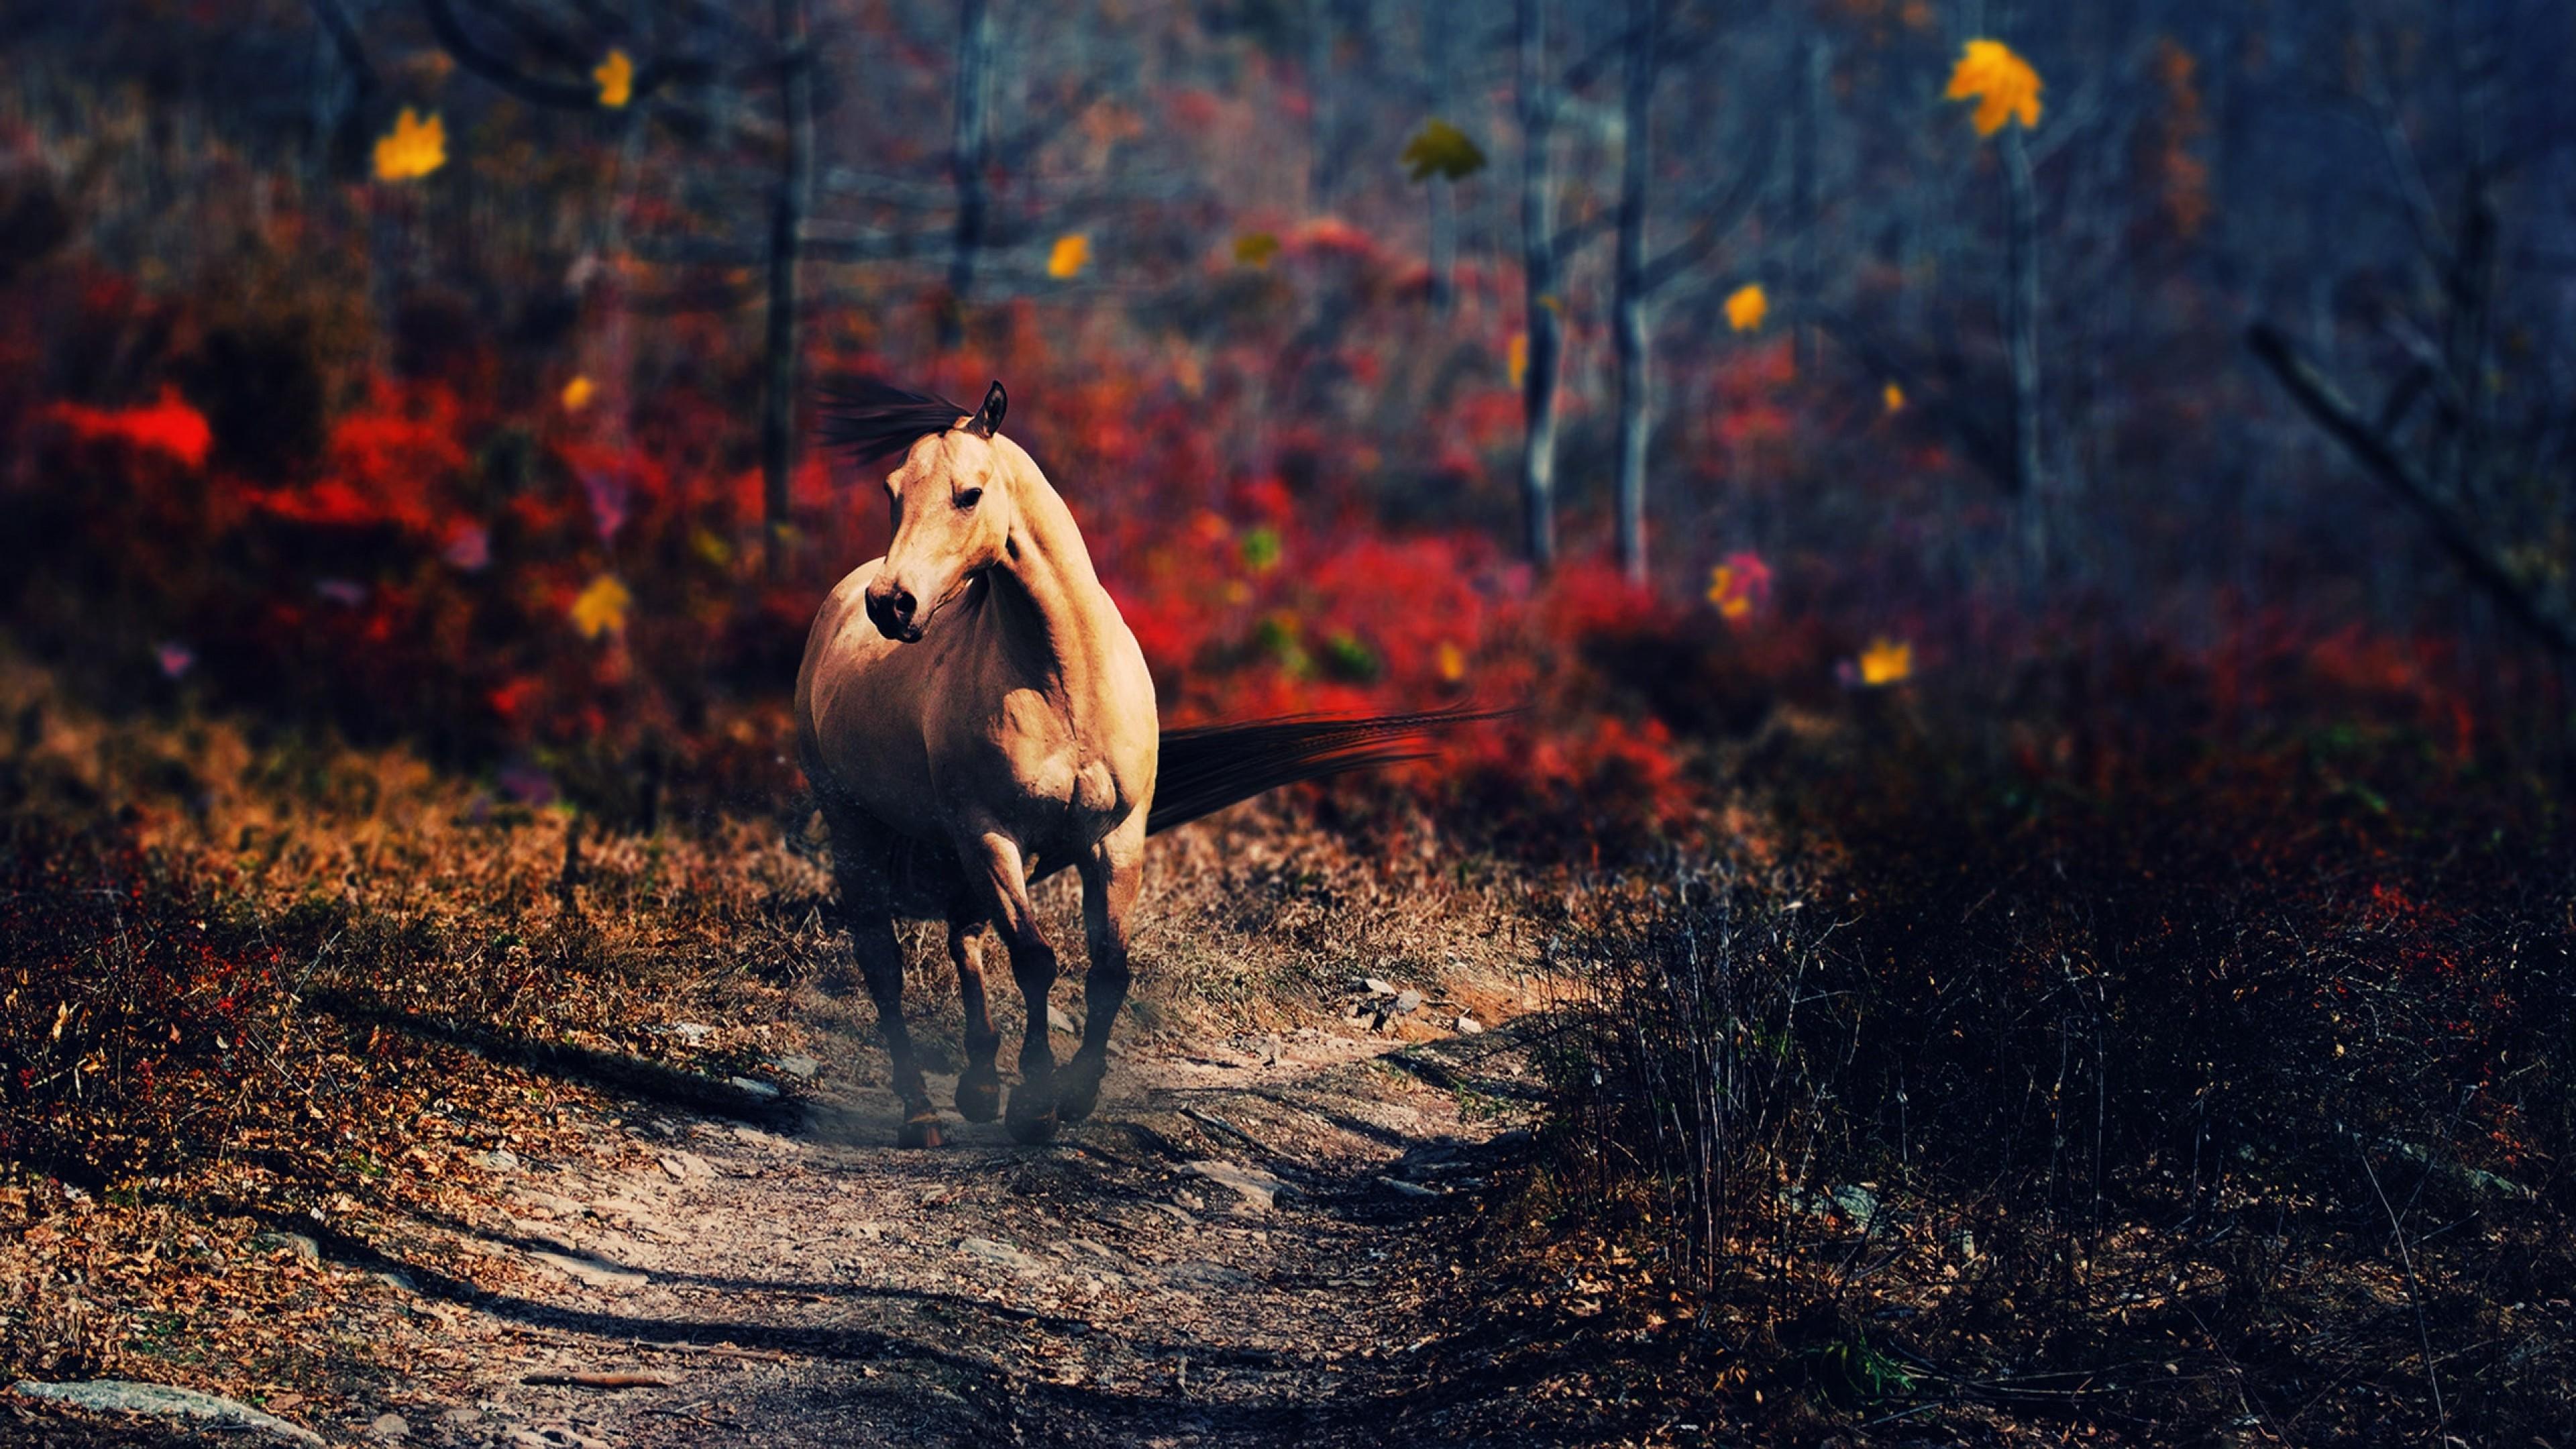 лошадь конь лес поляна  № 99144 загрузить